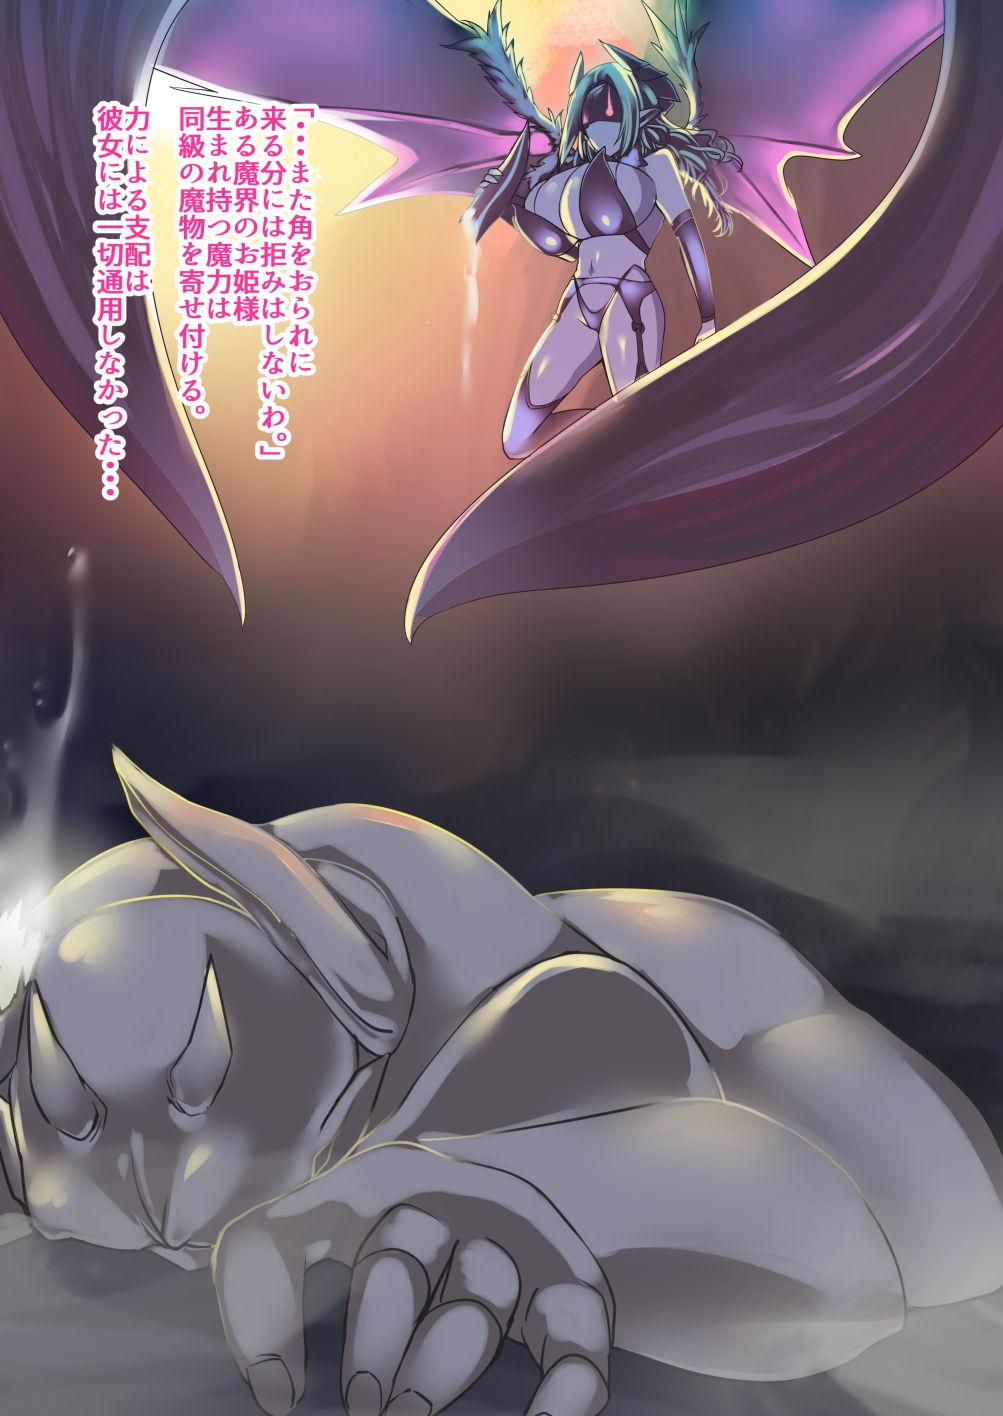 悪魔姫とゴブリン-格下の孕み袋になった夜